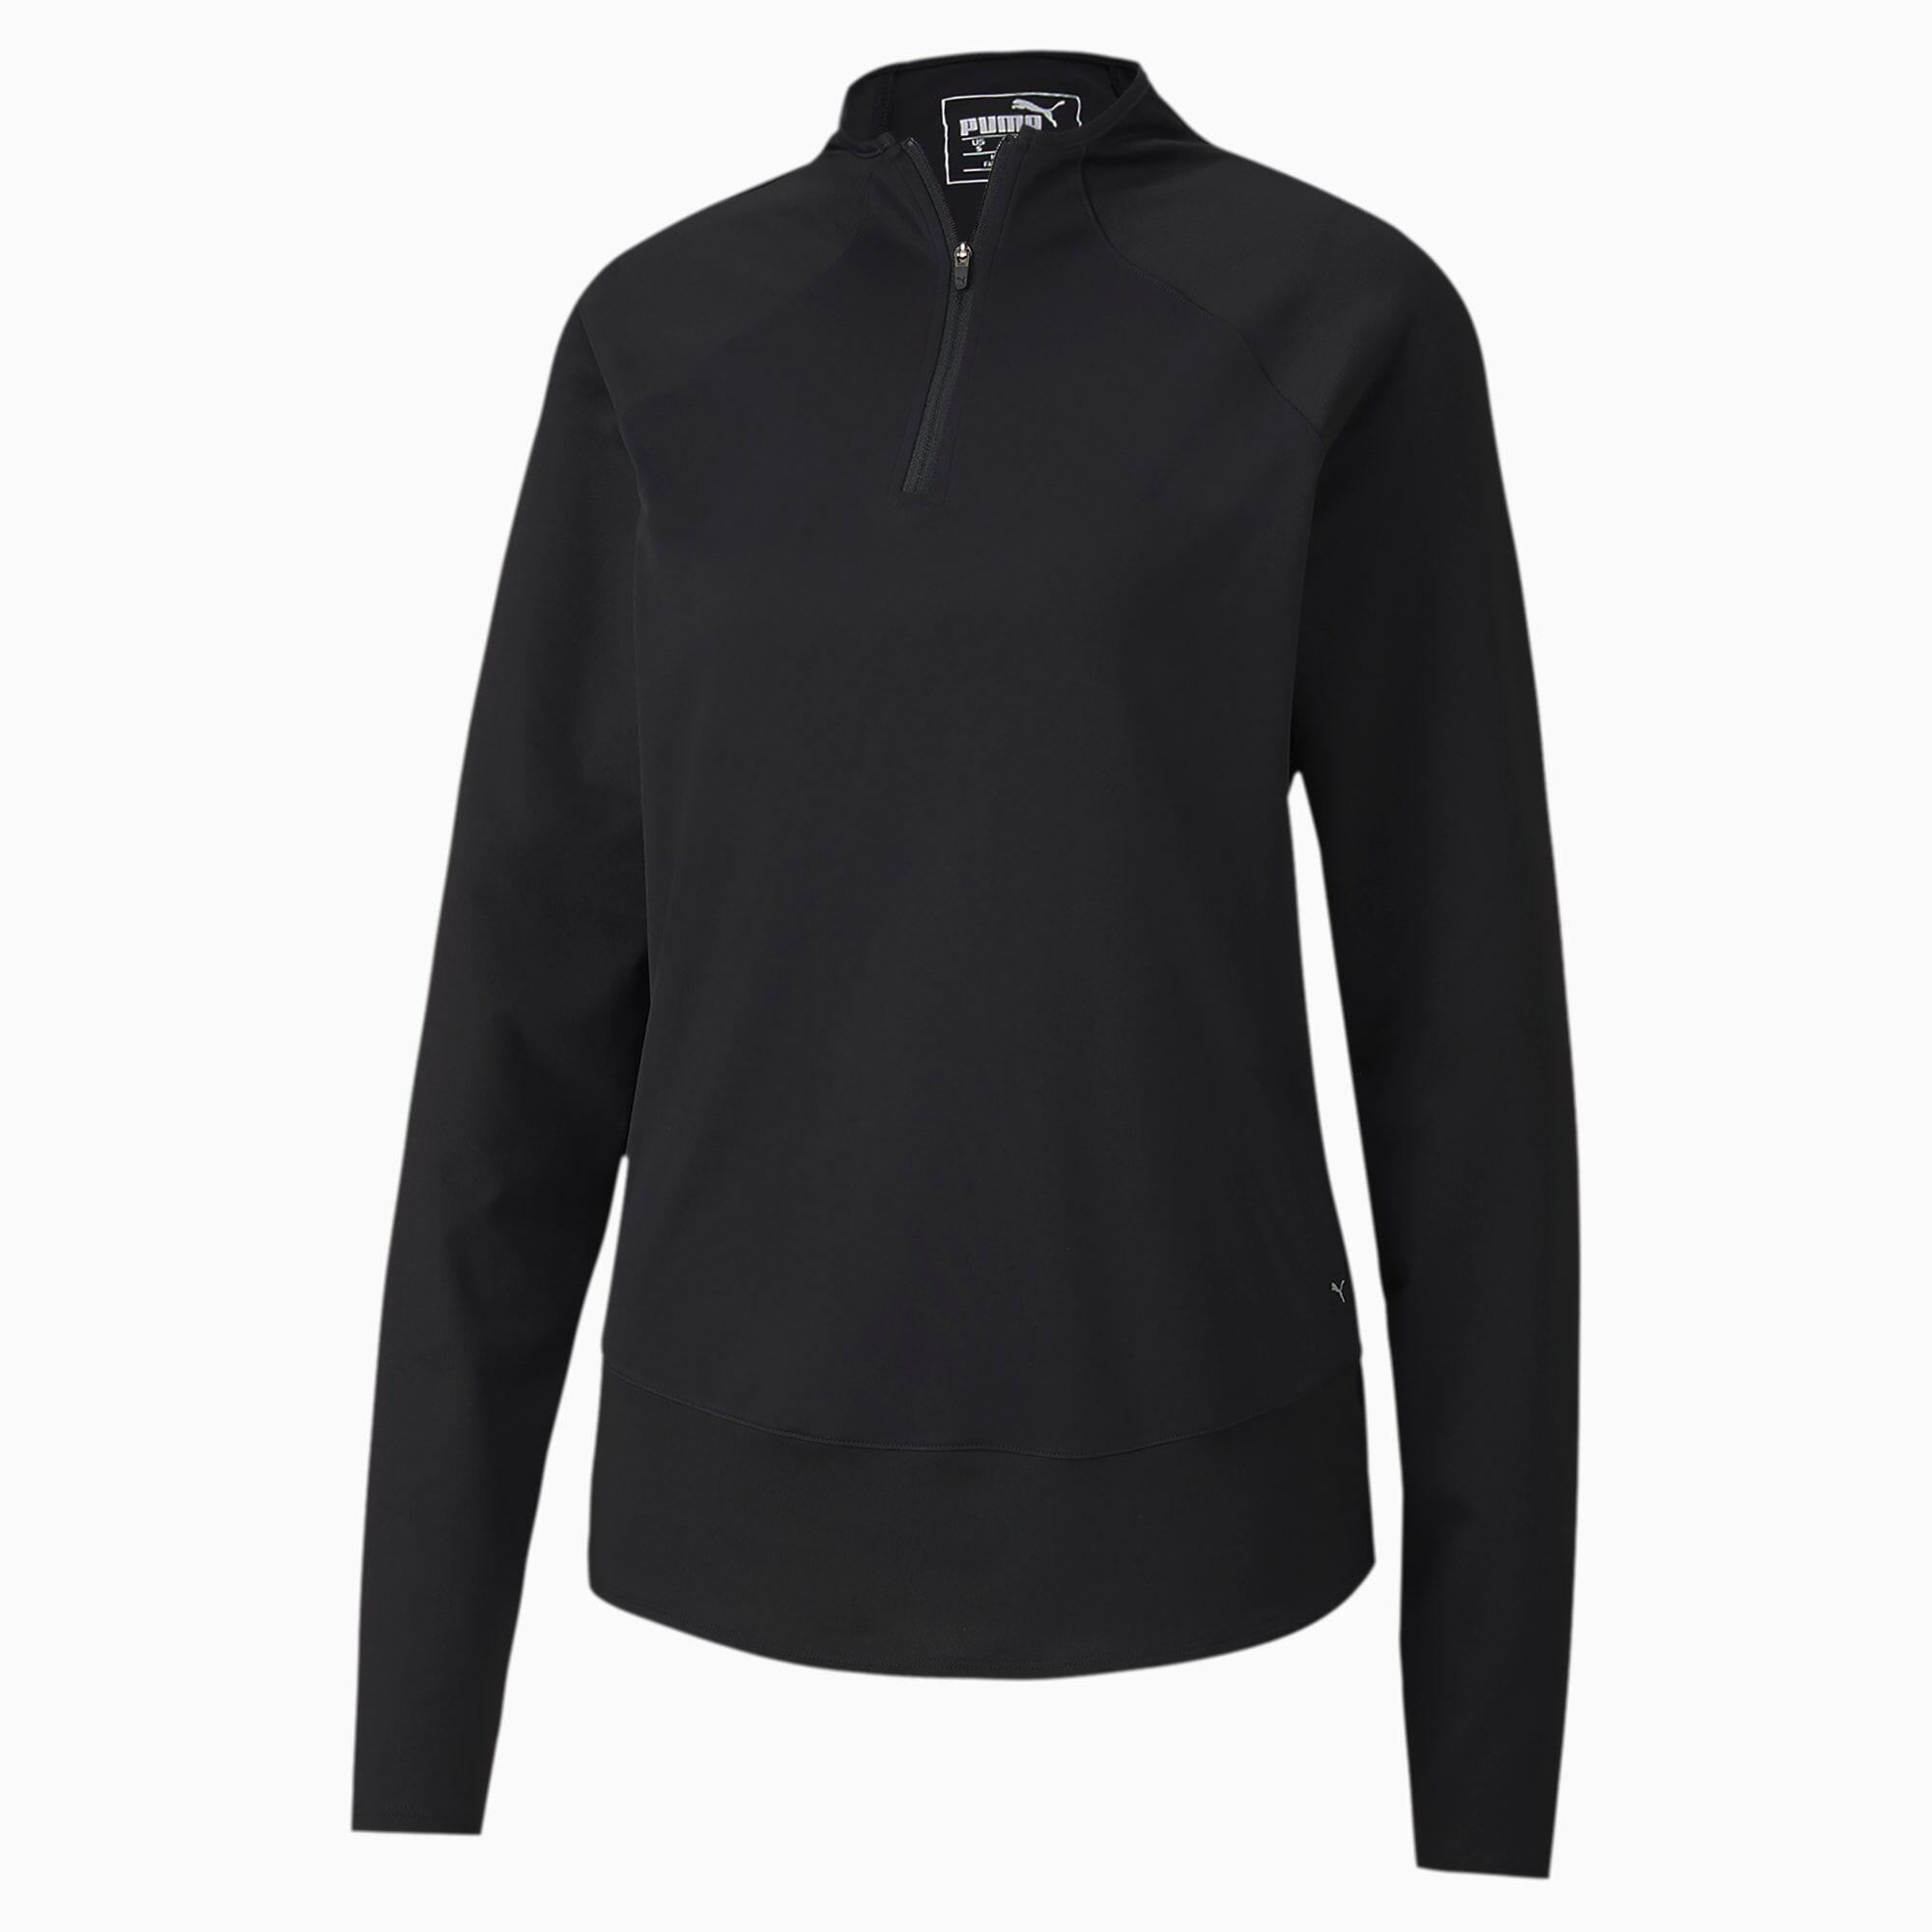 PUMA Pull de golf Mesh 1/4 Zip pour Femme, Noir, Taille S, Vêtements